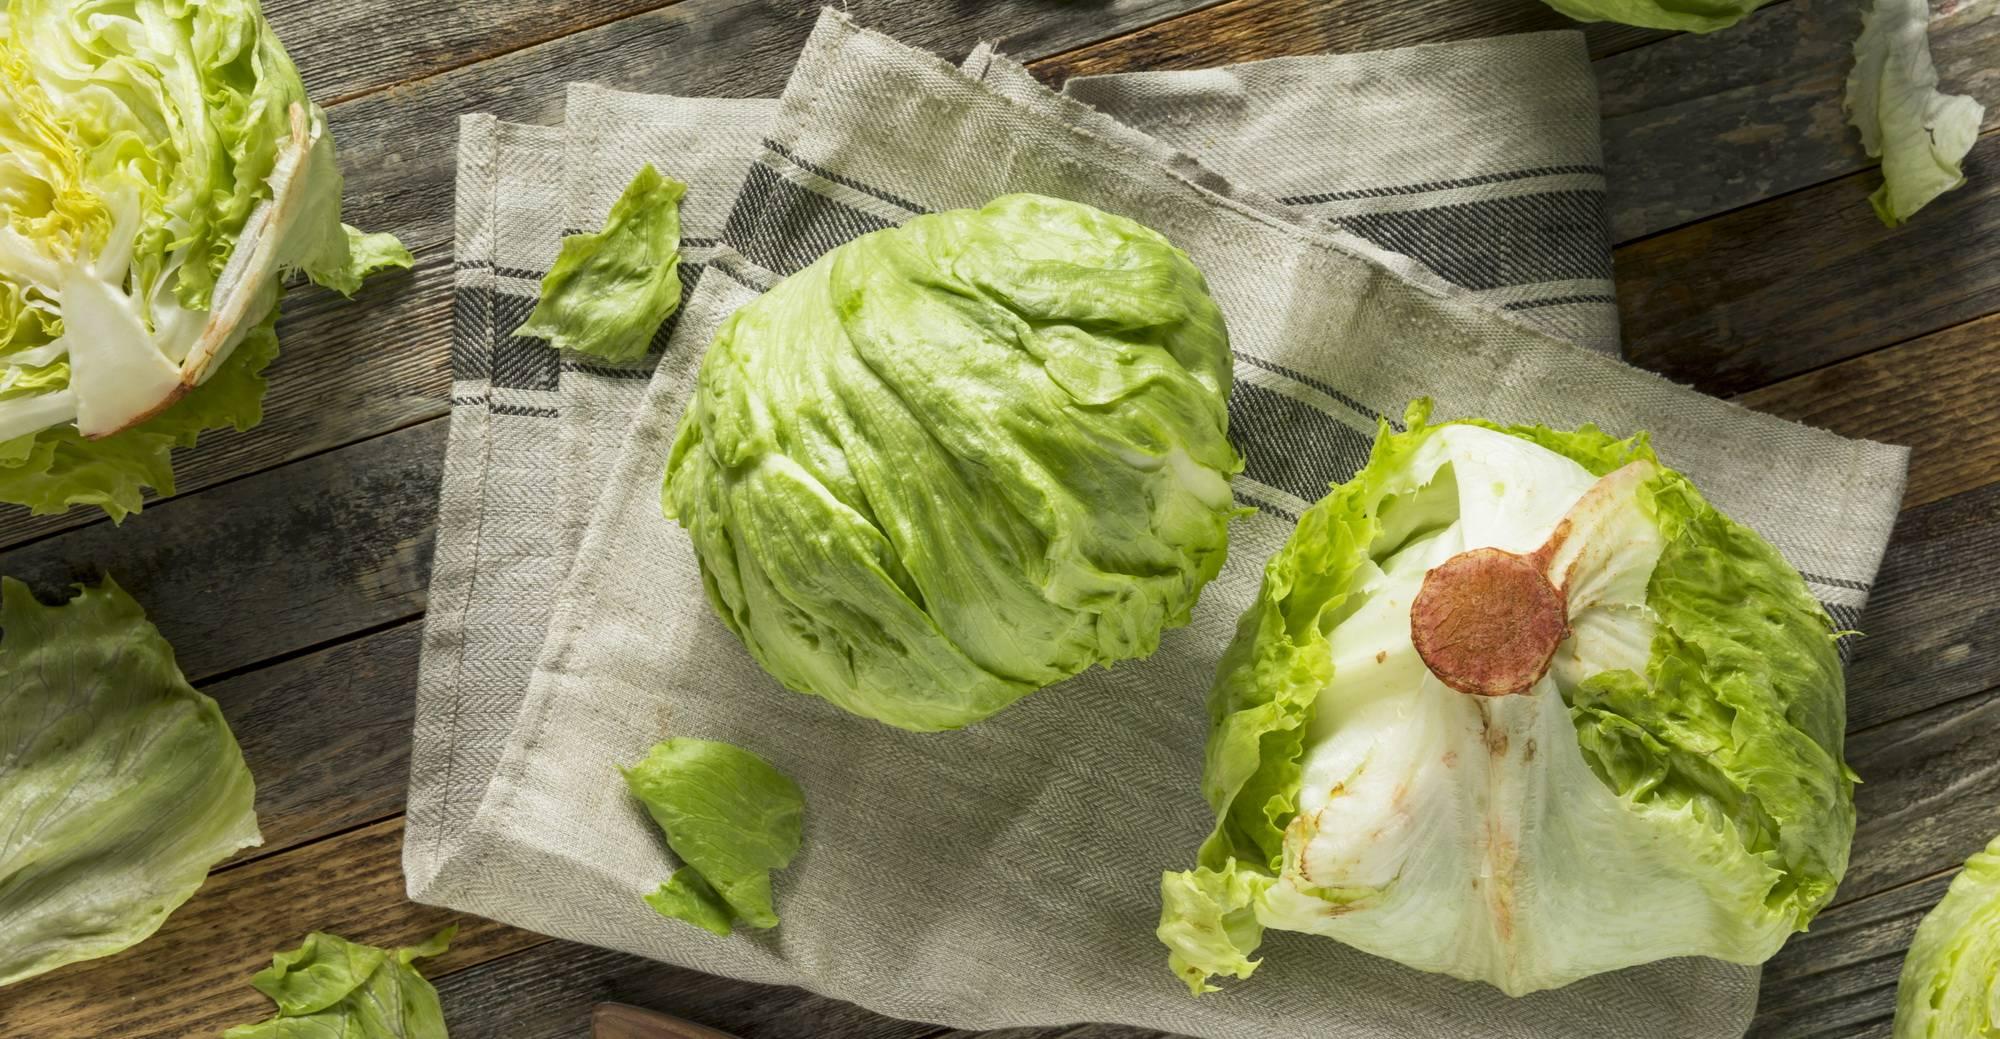 Салат айсберг: польза и вред для здоровья организма, калорийность, состав